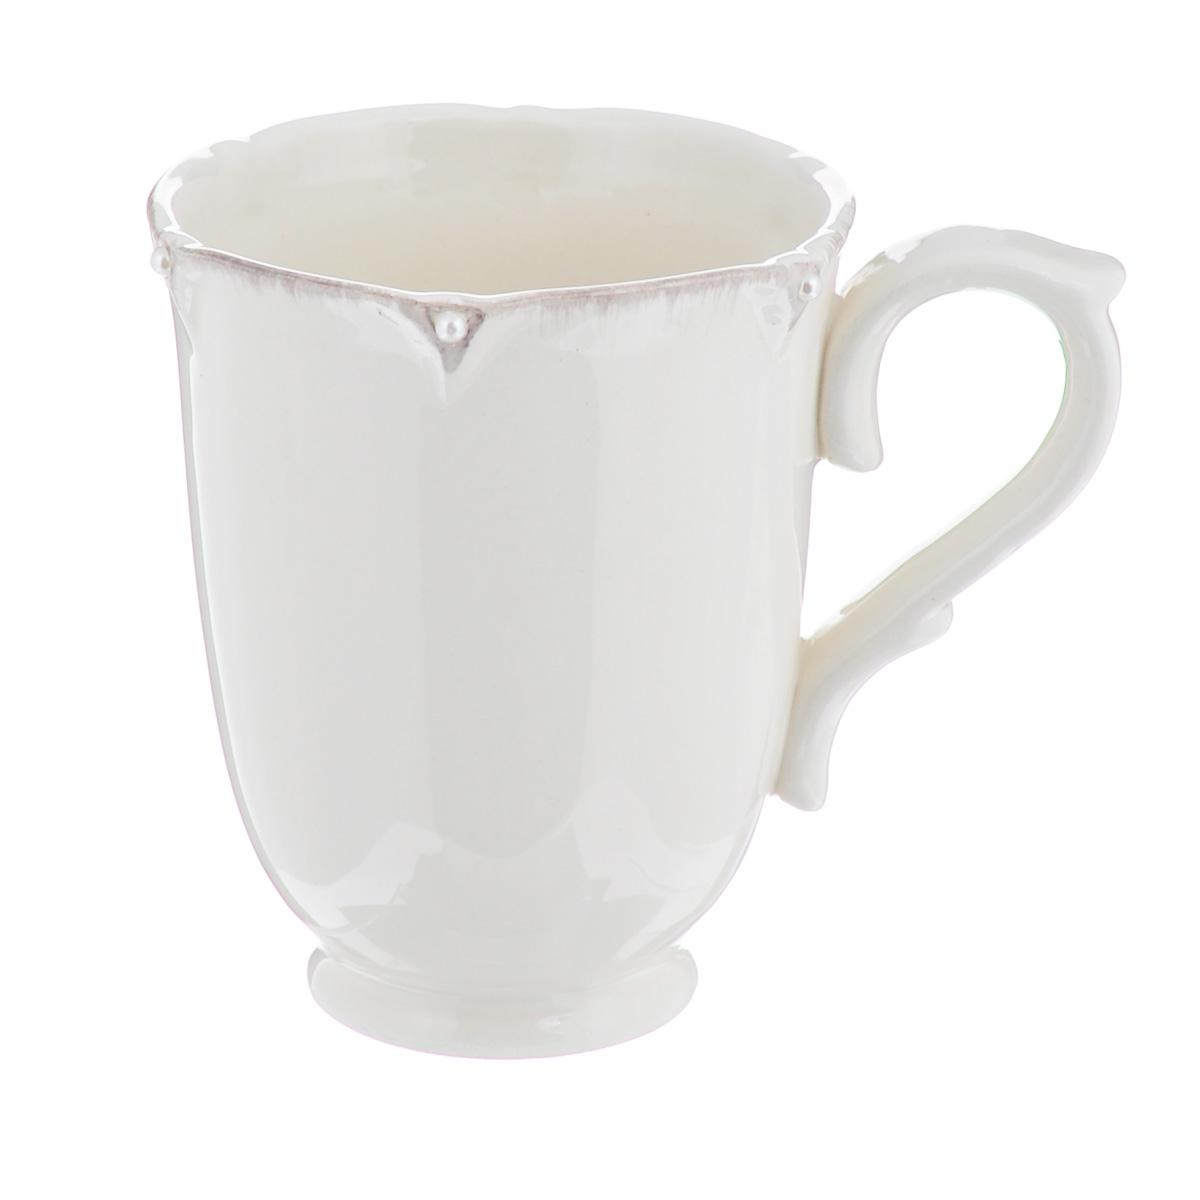 Кружка Lillo Ideal, 350 мл115510Кружка Lillo Ideal выполнена из высококачественной керамики. Края кружки рельефные и декорированы искусственным жемчугом. Такая кружка порадует вас дизайном и функциональностью, а пить чай или кофе из нее станет еще приятнее. Остерегайтесь сильных ударов. Не применять абразивные чистящие средства. Объем: 350 мл.Диаметр кружки по верхнему краю: 9 см.Высота кружки: 11 см.